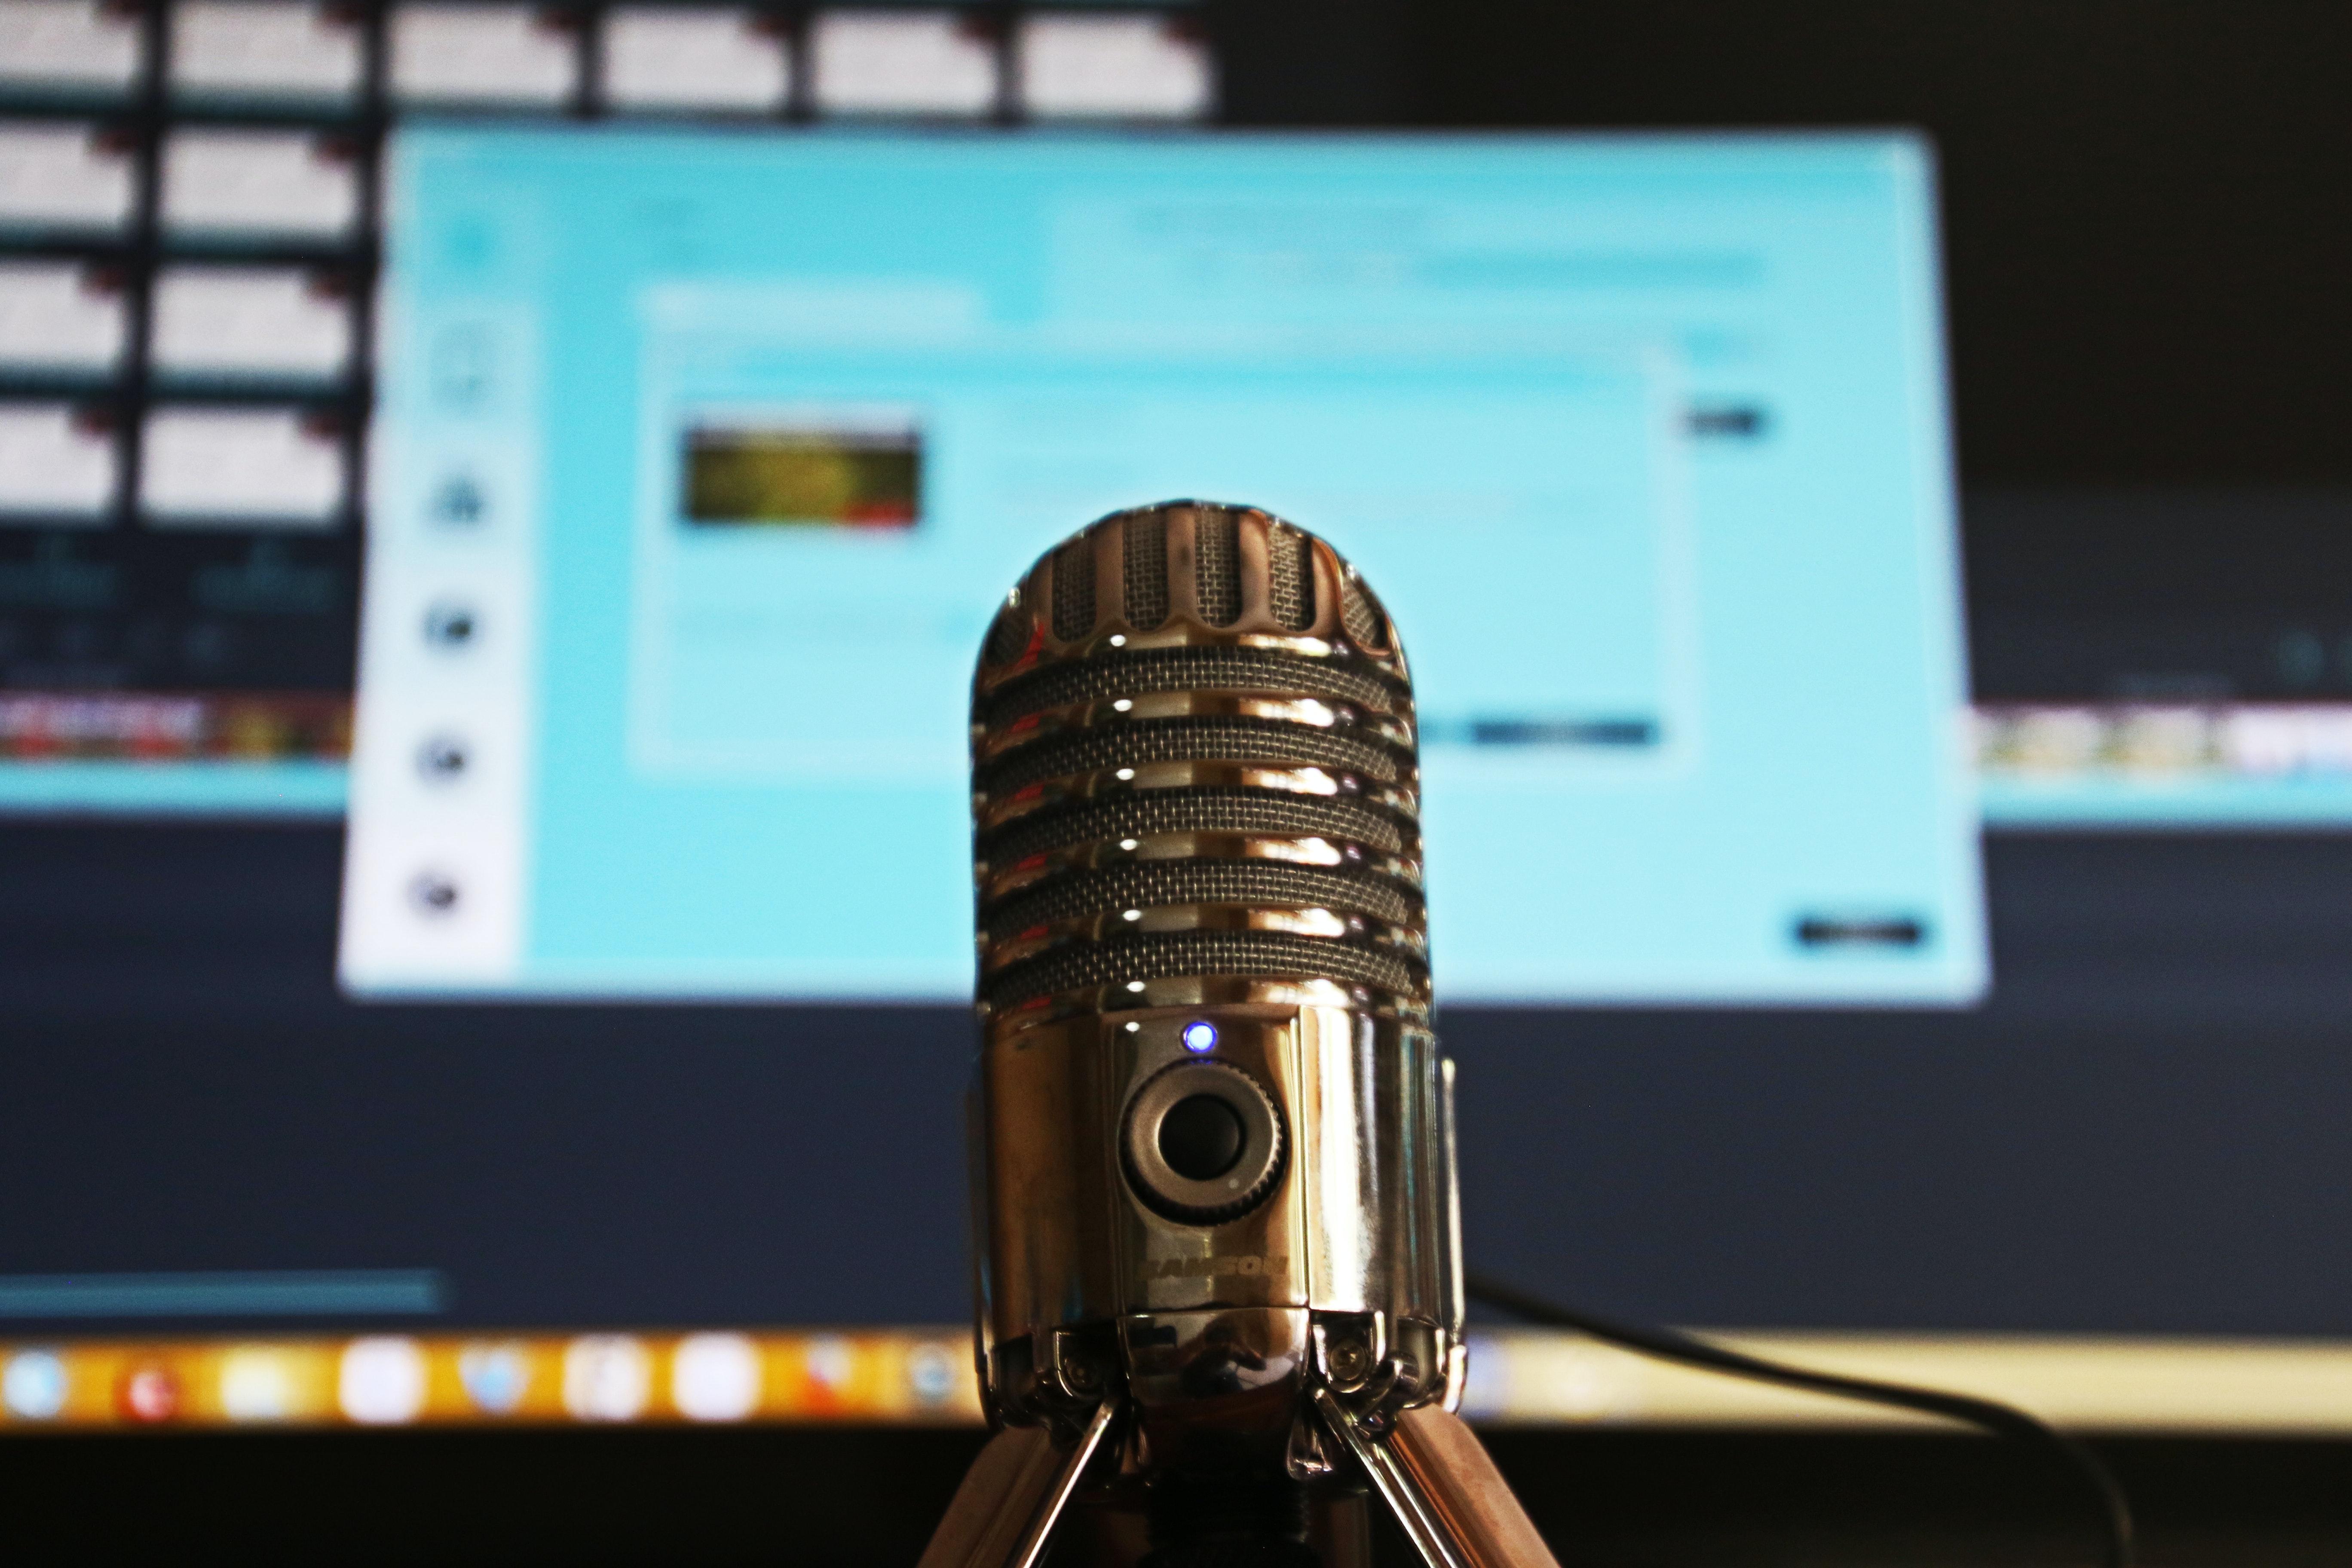 Un micròfon davant d'un ordinador Font: Magda Ehlers (Pexels)